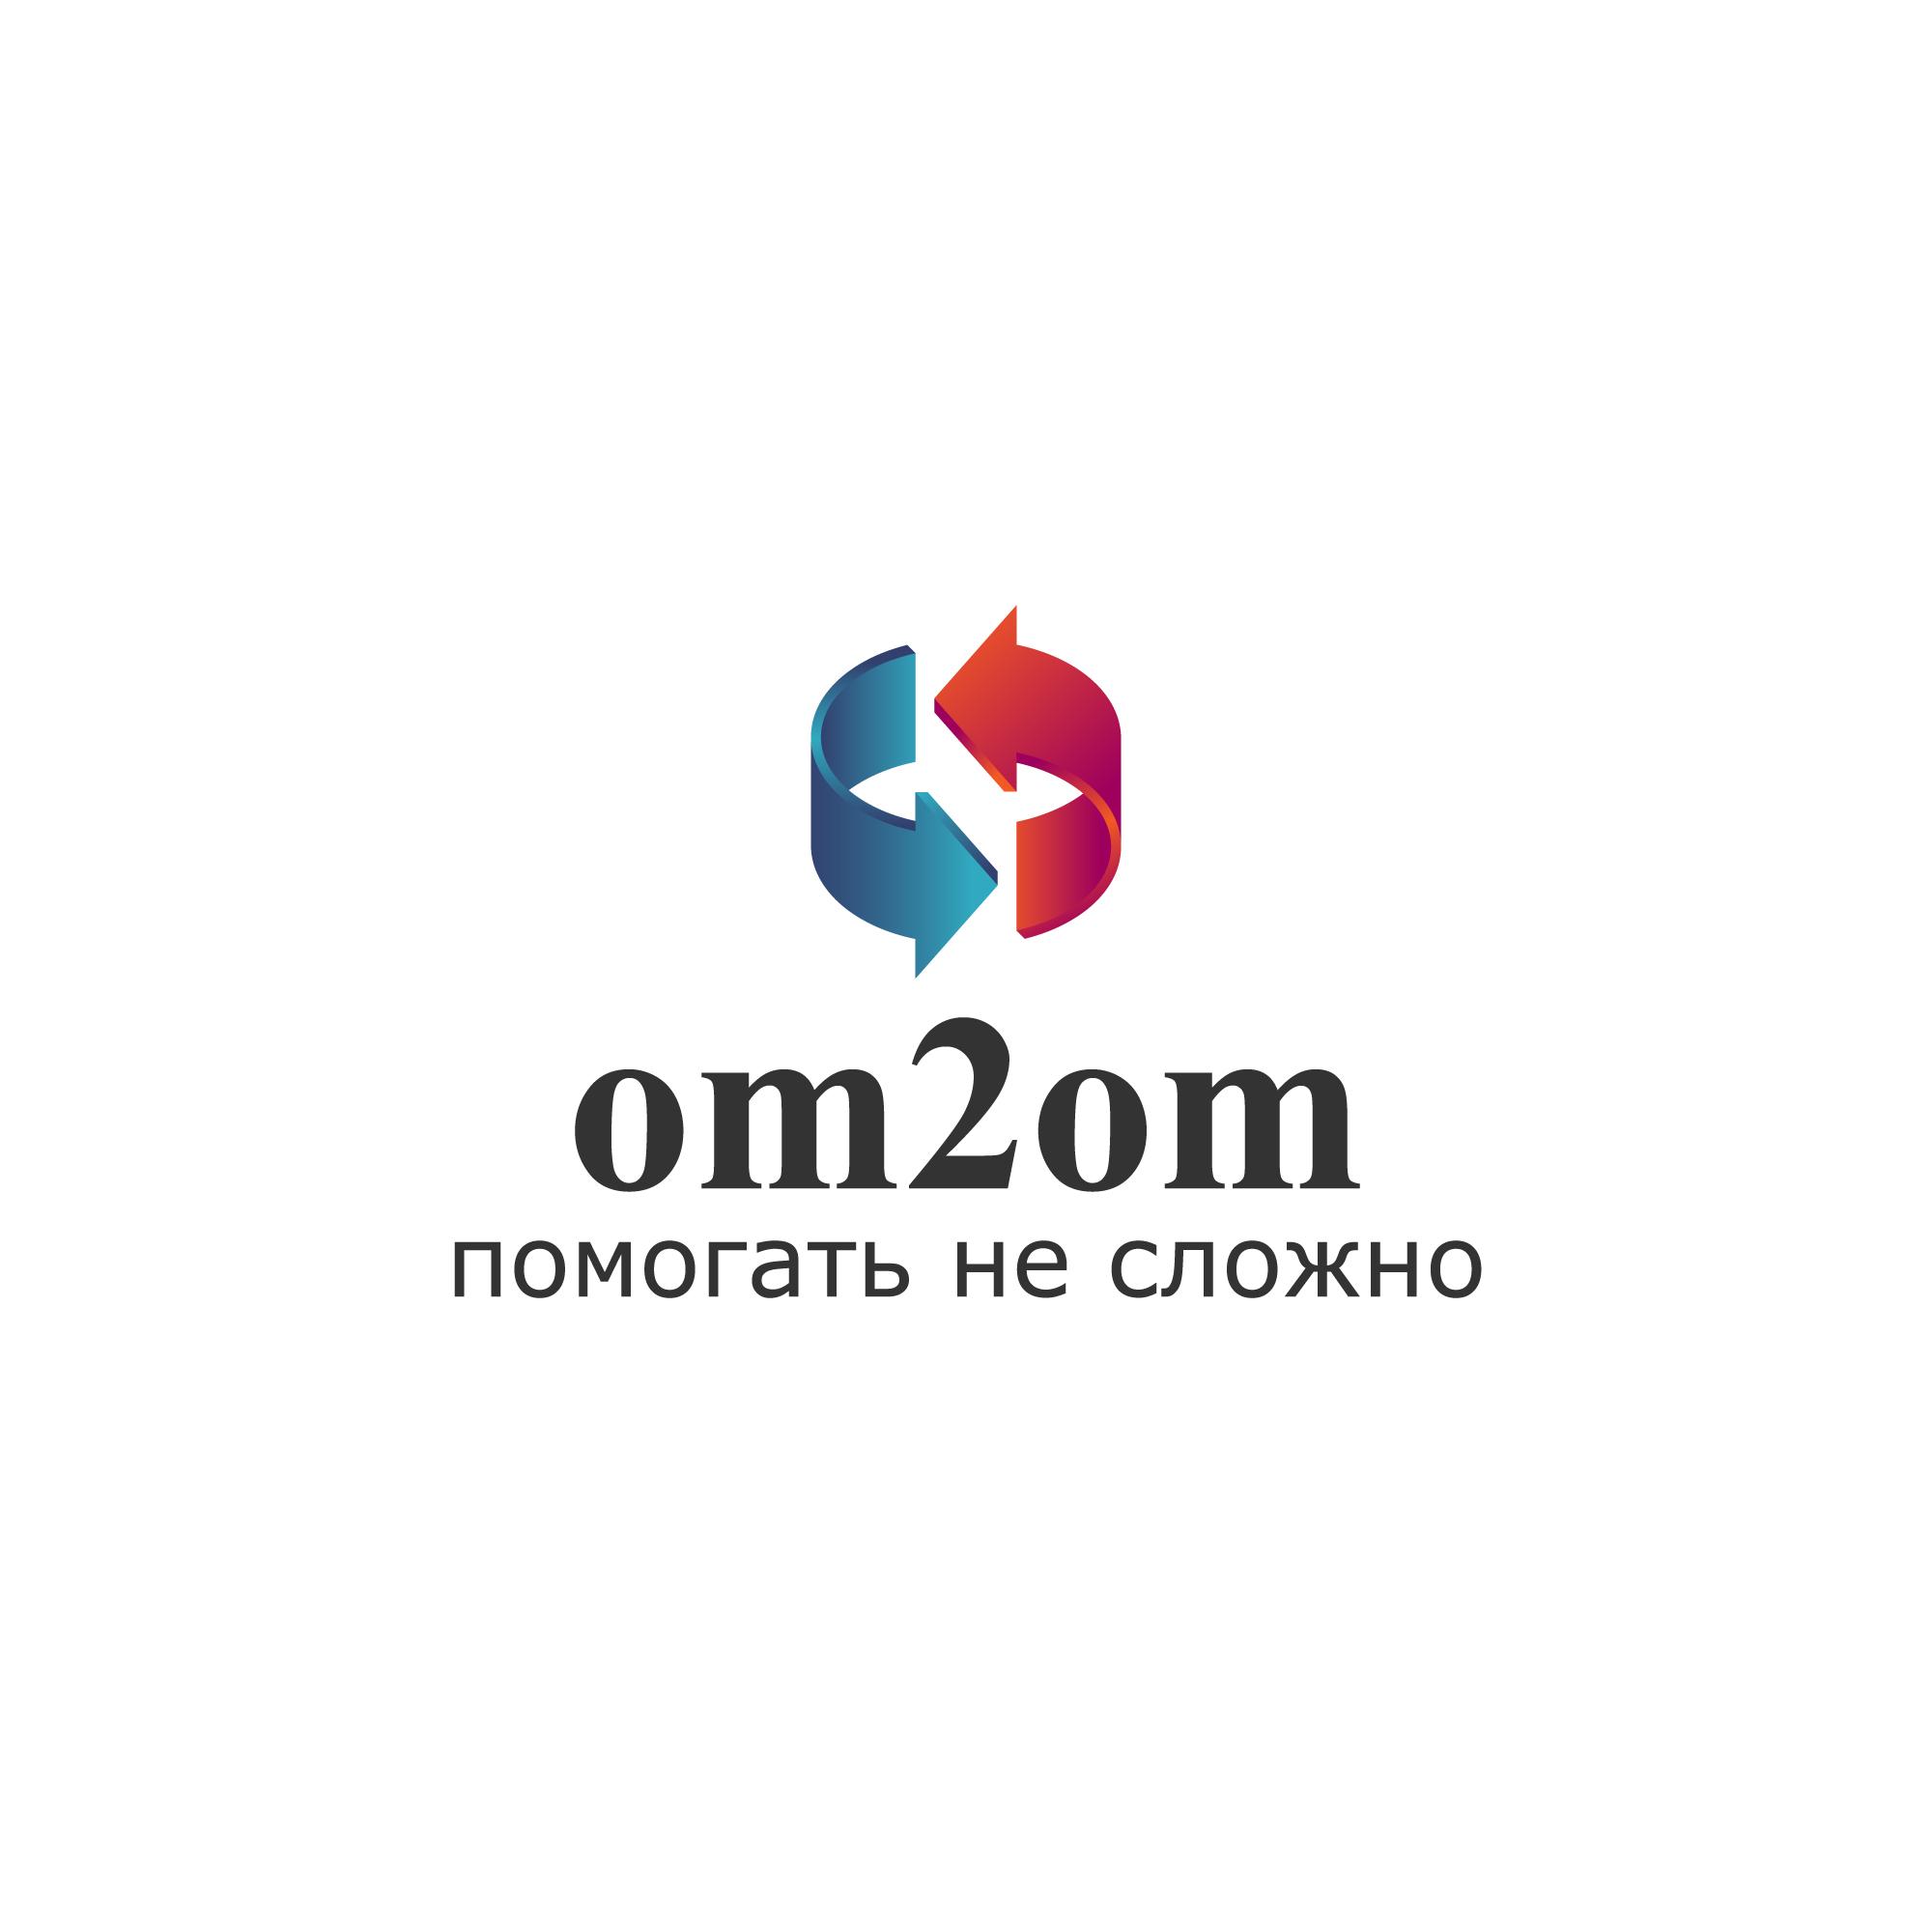 Разработка логотипа для краудфандинговой платформы om2om.md фото f_9145f5bfa3aad8af.jpg